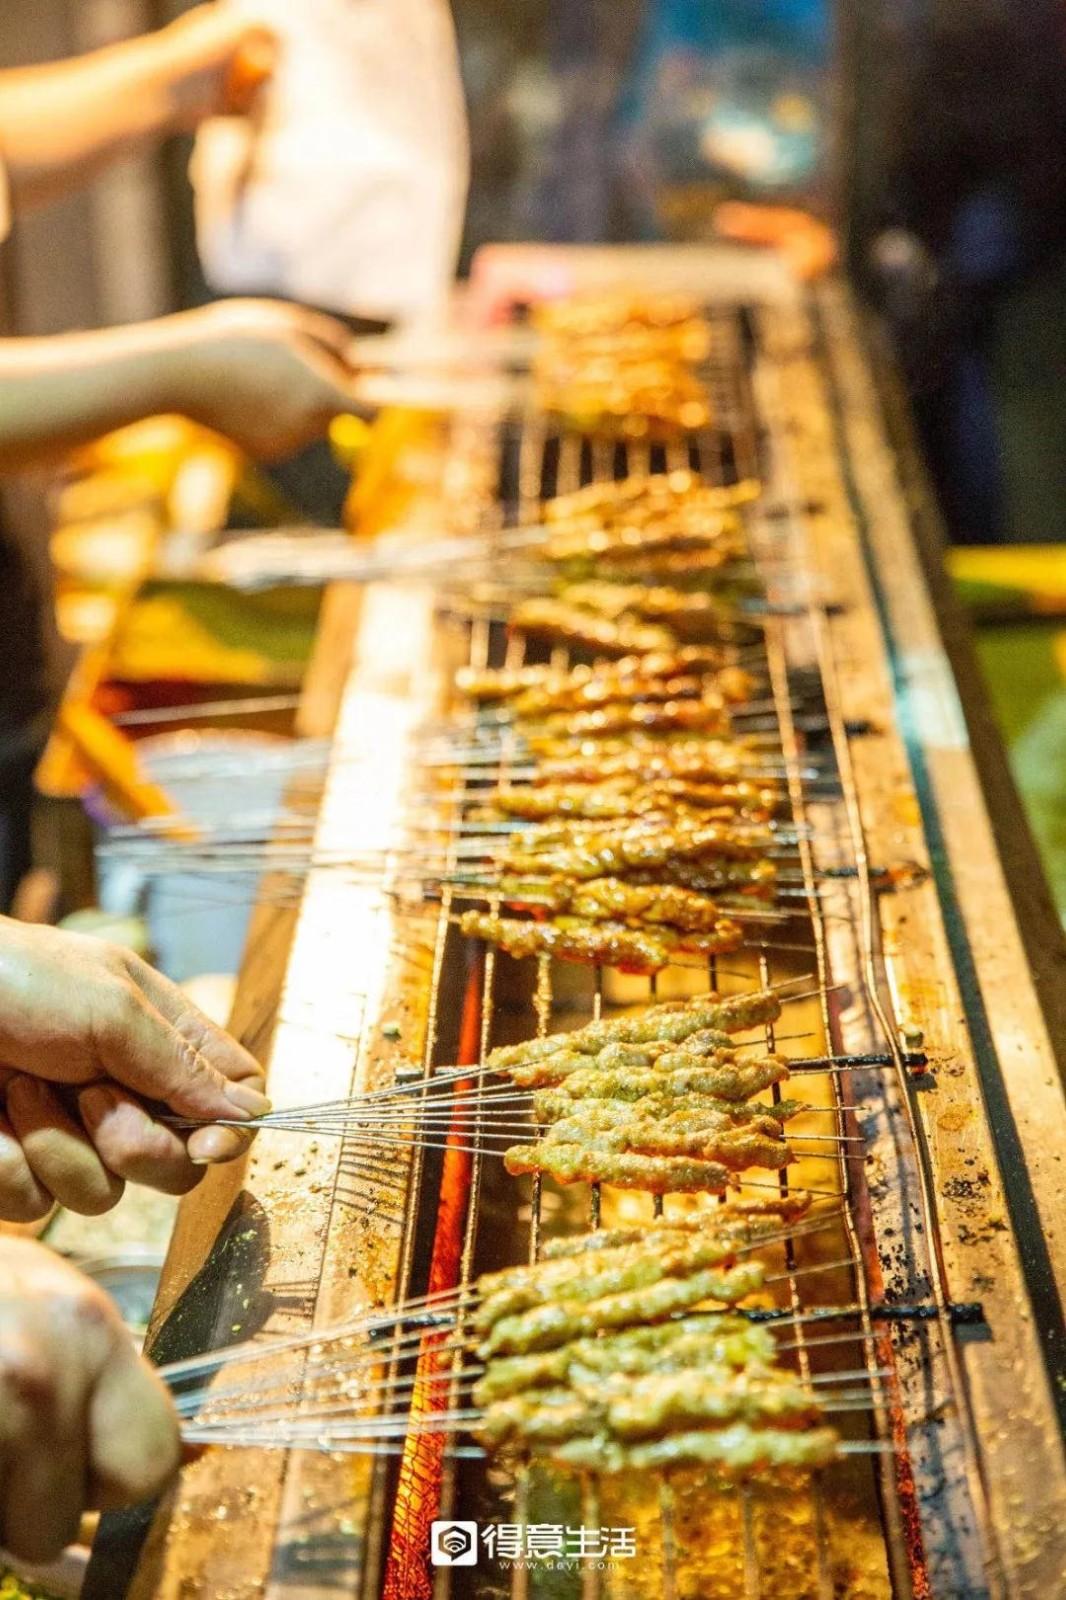 【奶喵觅食记】这家藏了14年不火的烧烤店,凭什么霸占汉阳伢心中top1!